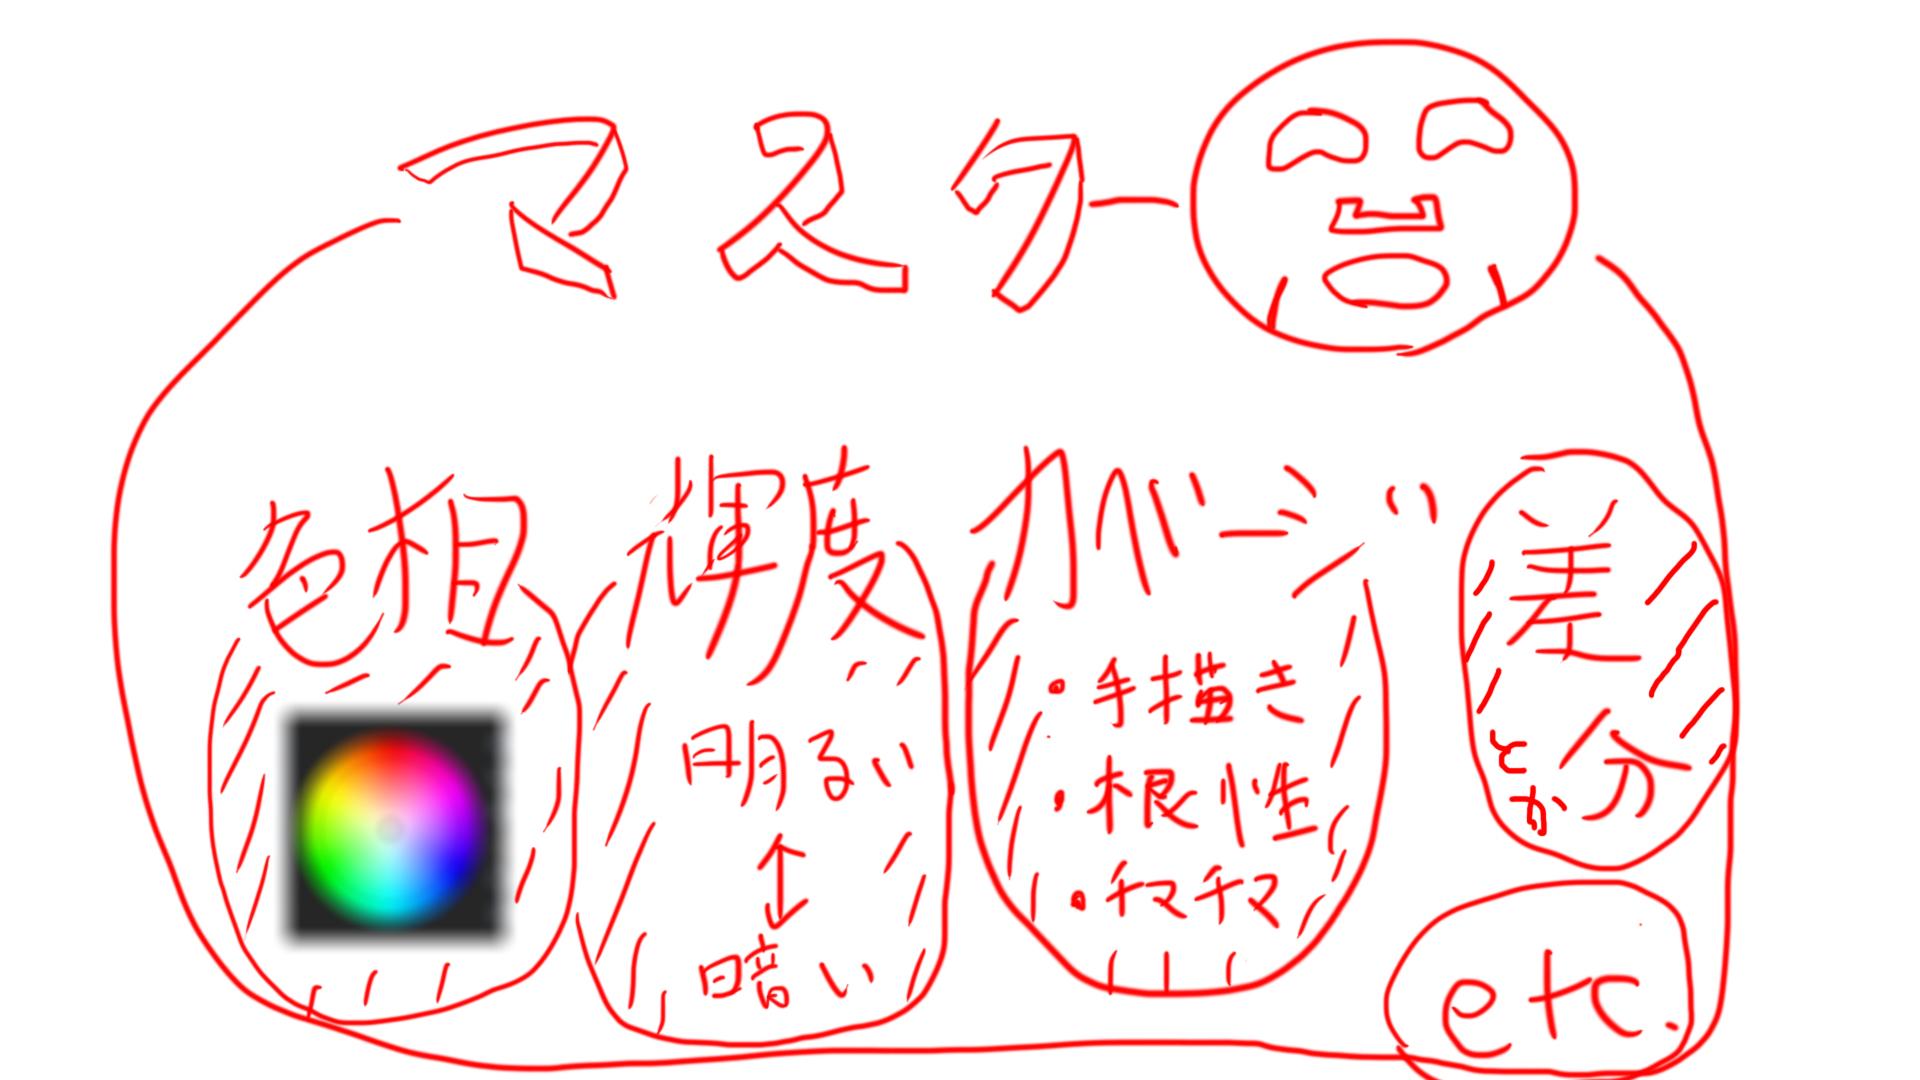 映像動画制作における「マスク」の解説図